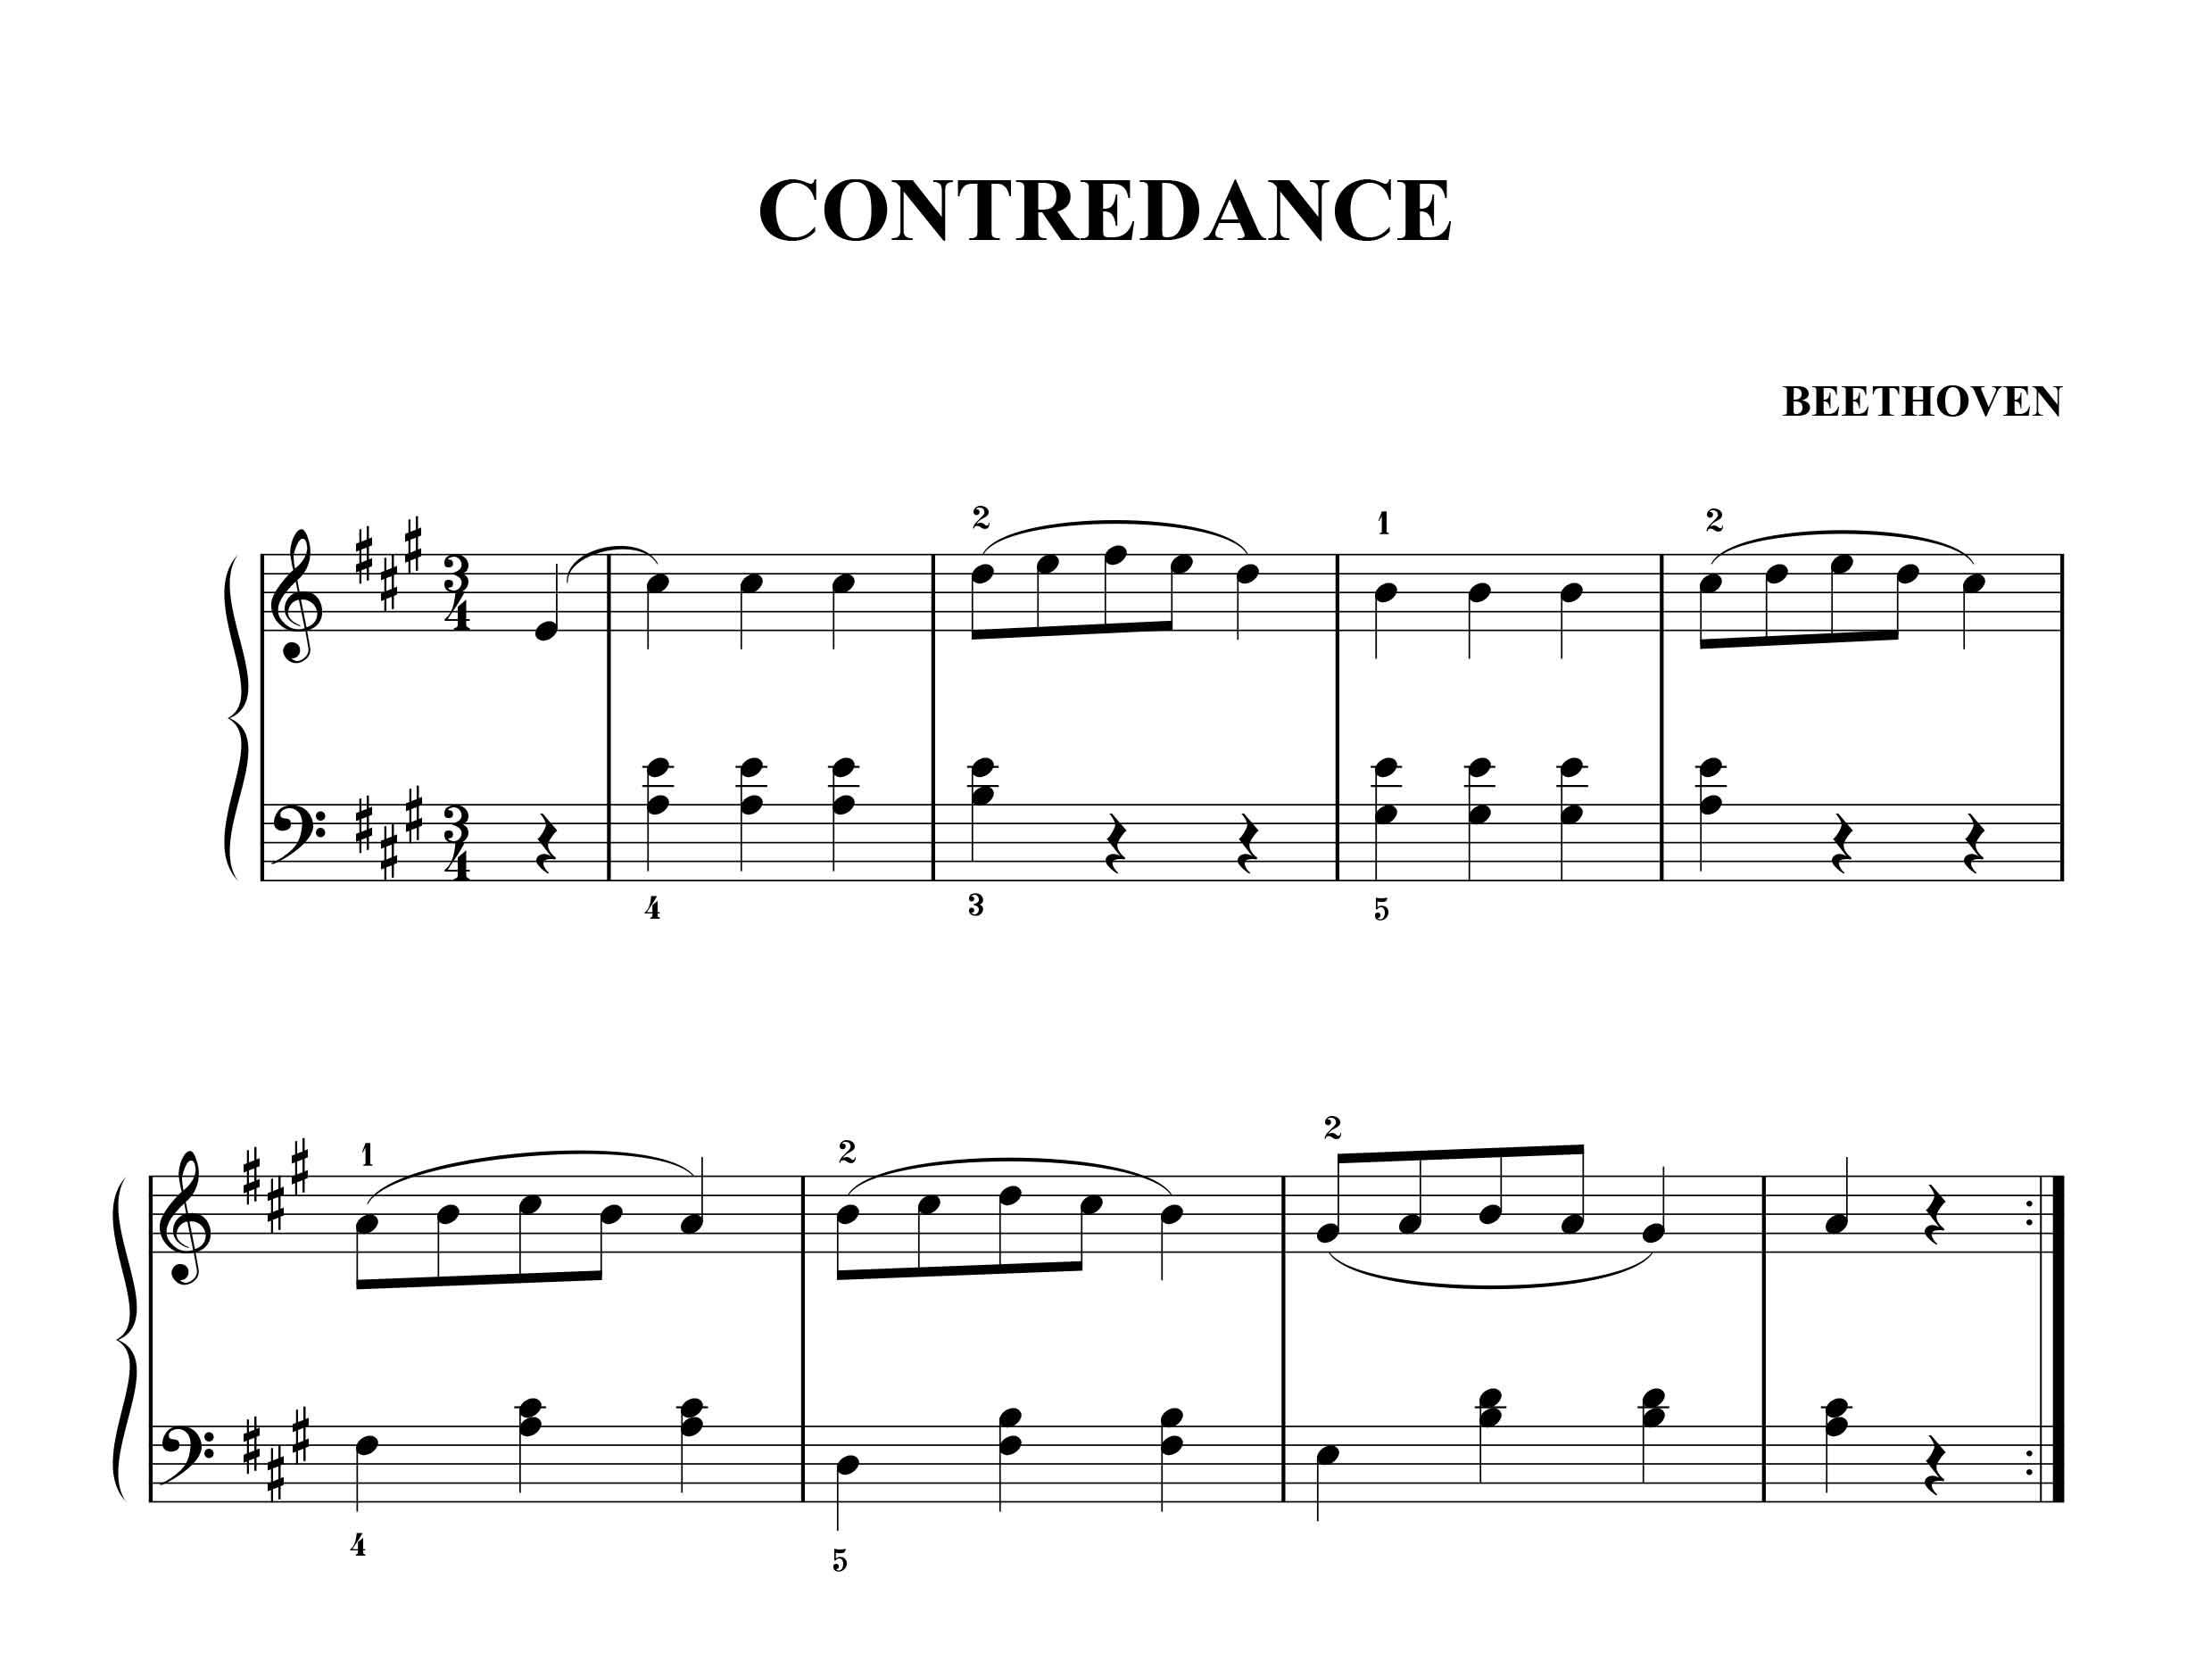 نت پیانو Contradance از بتهوون در سطح  ساده